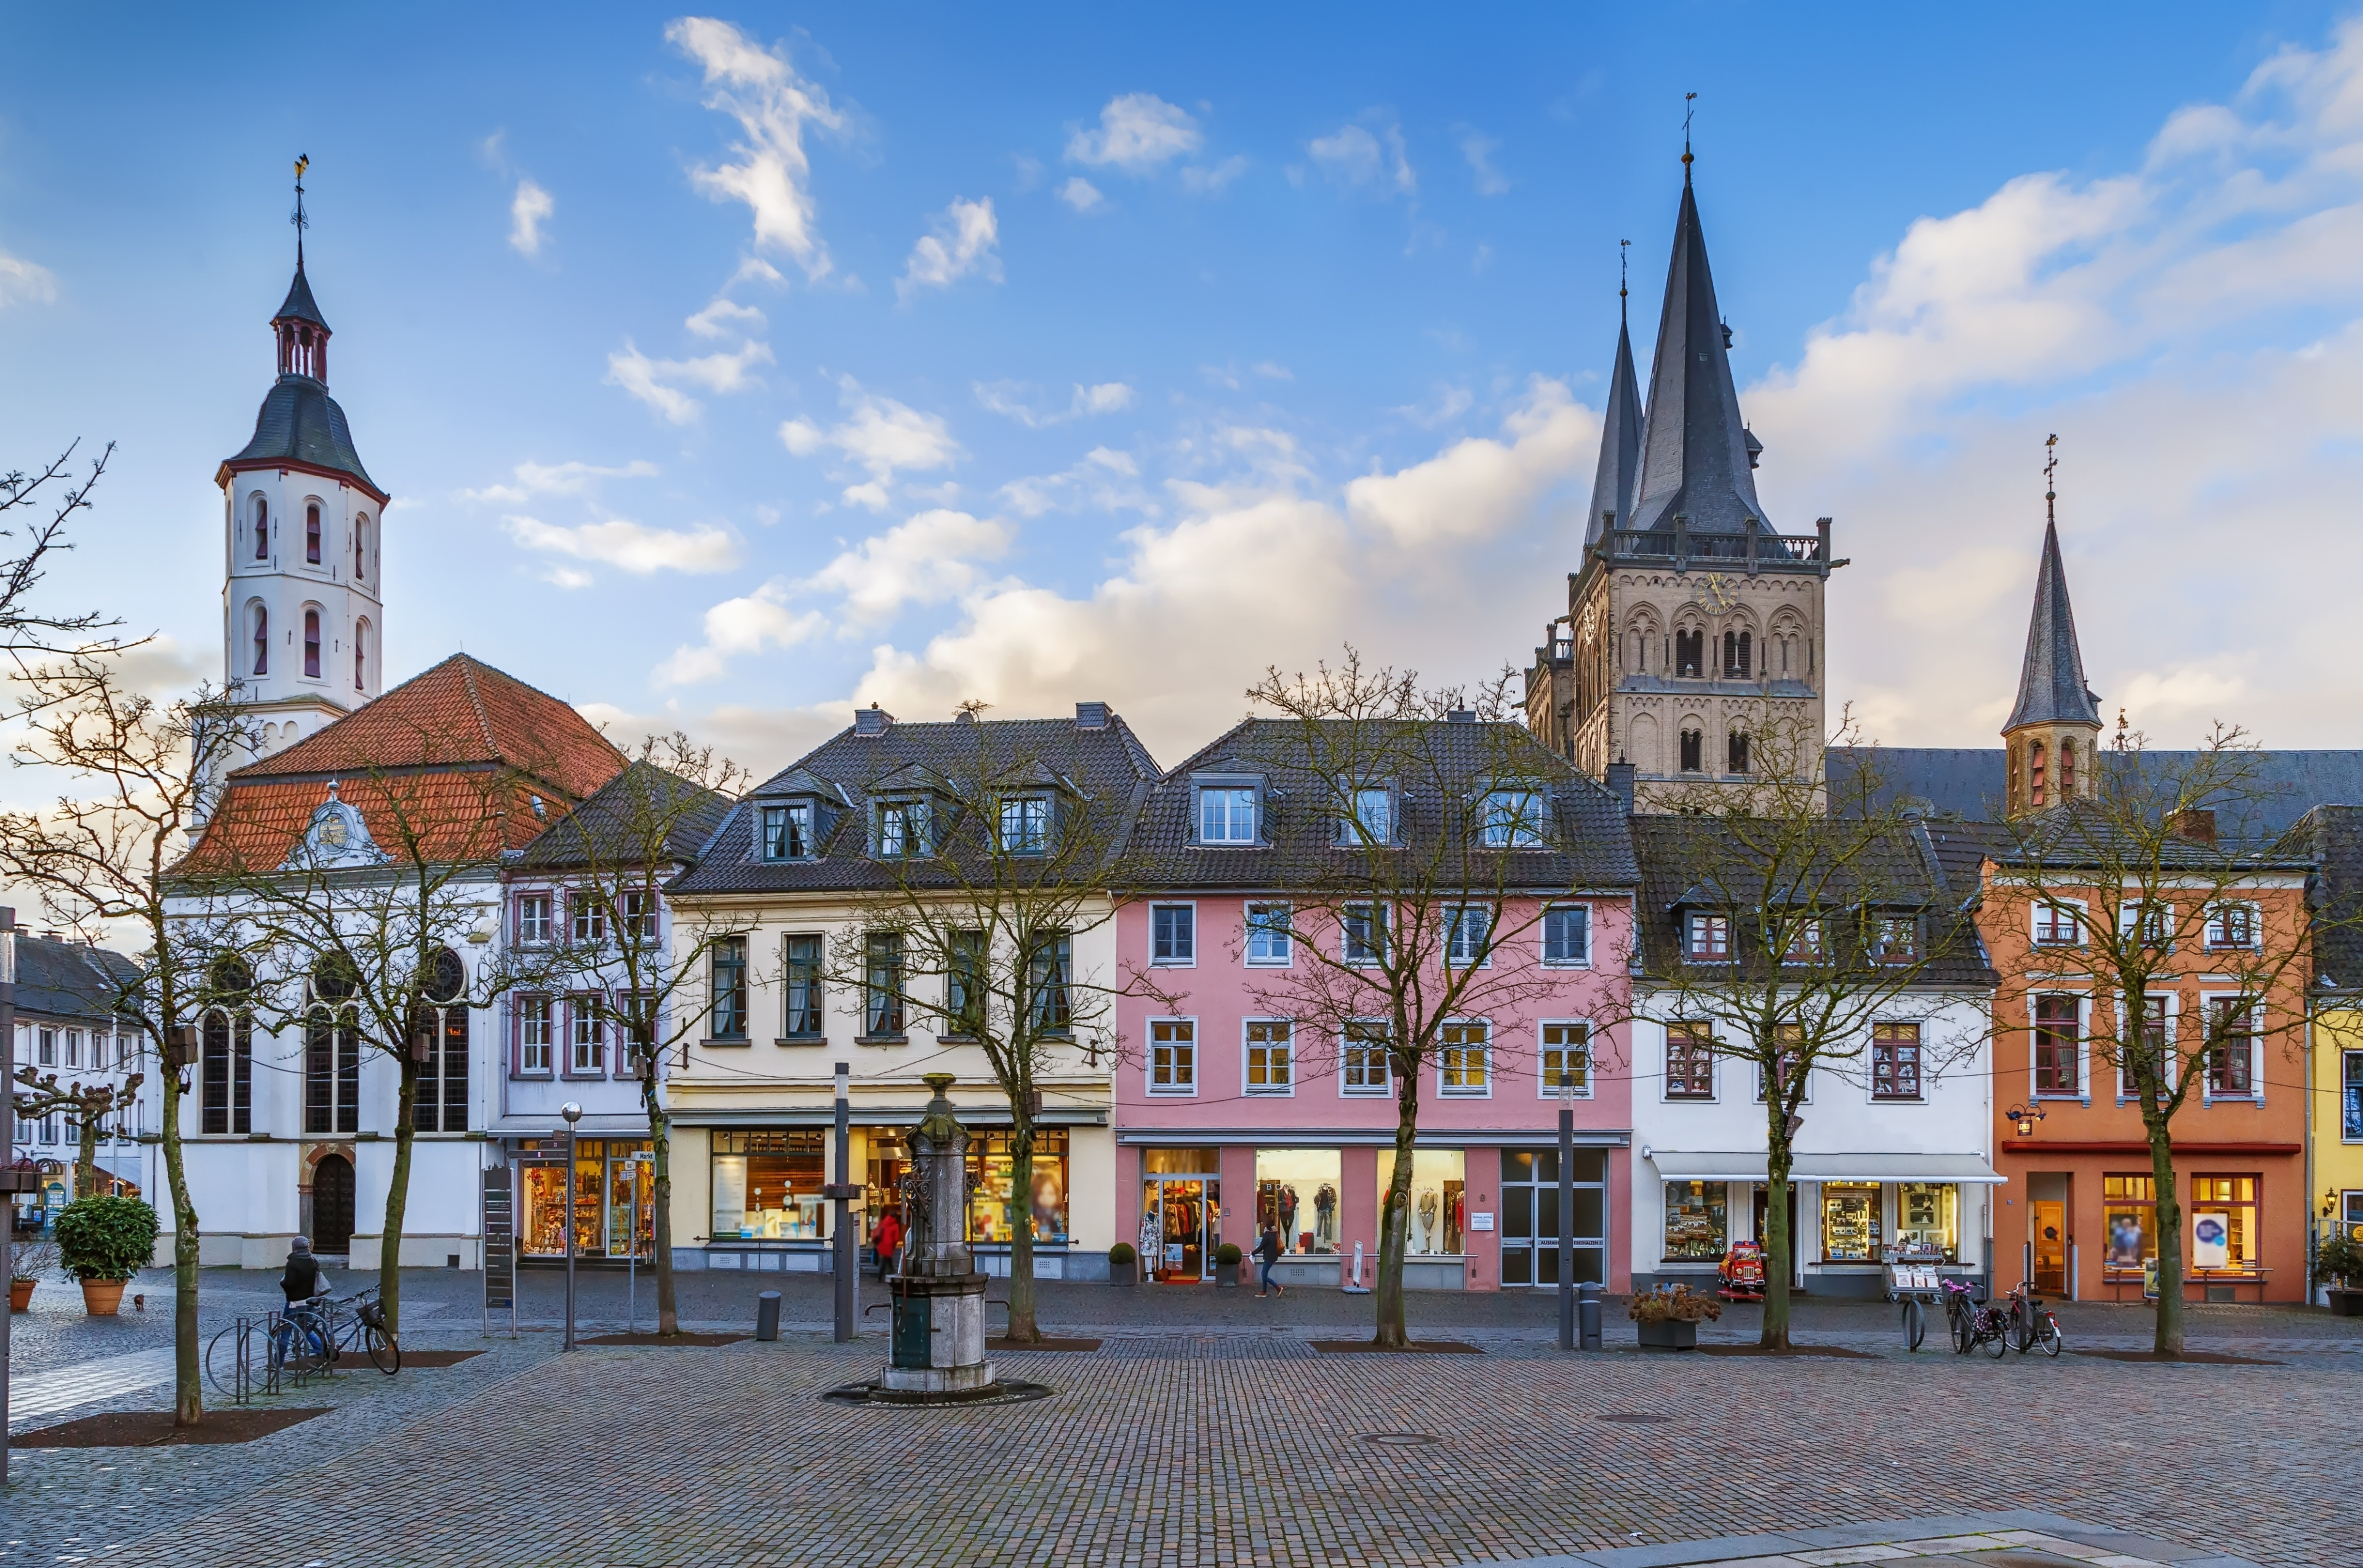 Wesel District, North Rhine-Westphalia, Germany